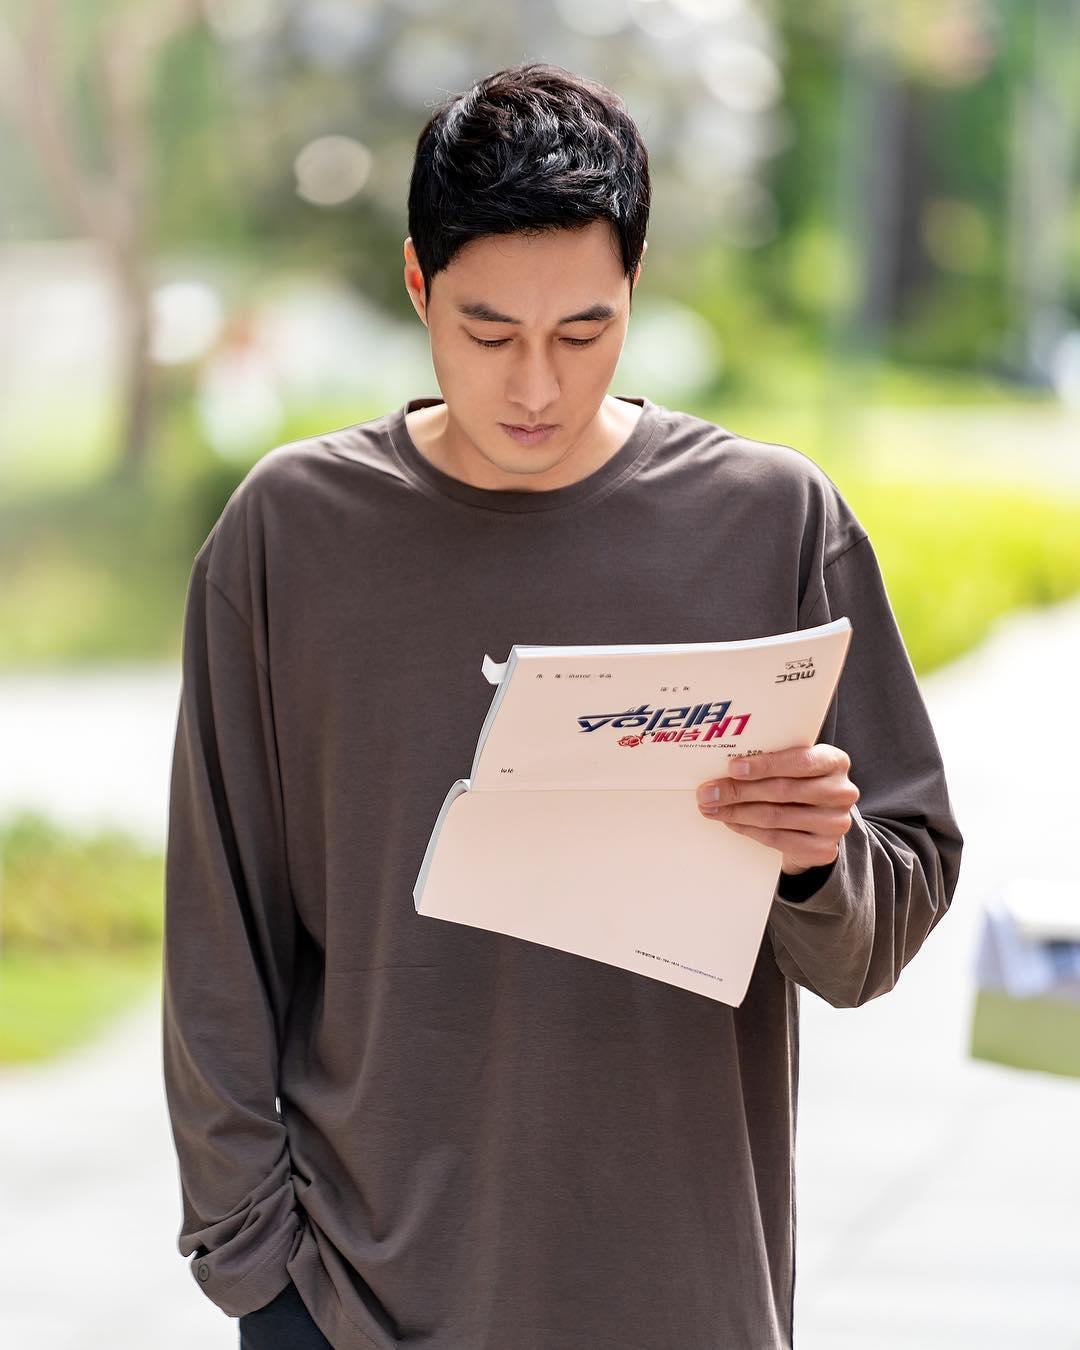 韩剧男神理想型条件大盘点,快来看看你符合哪位韩星的要求?插图6